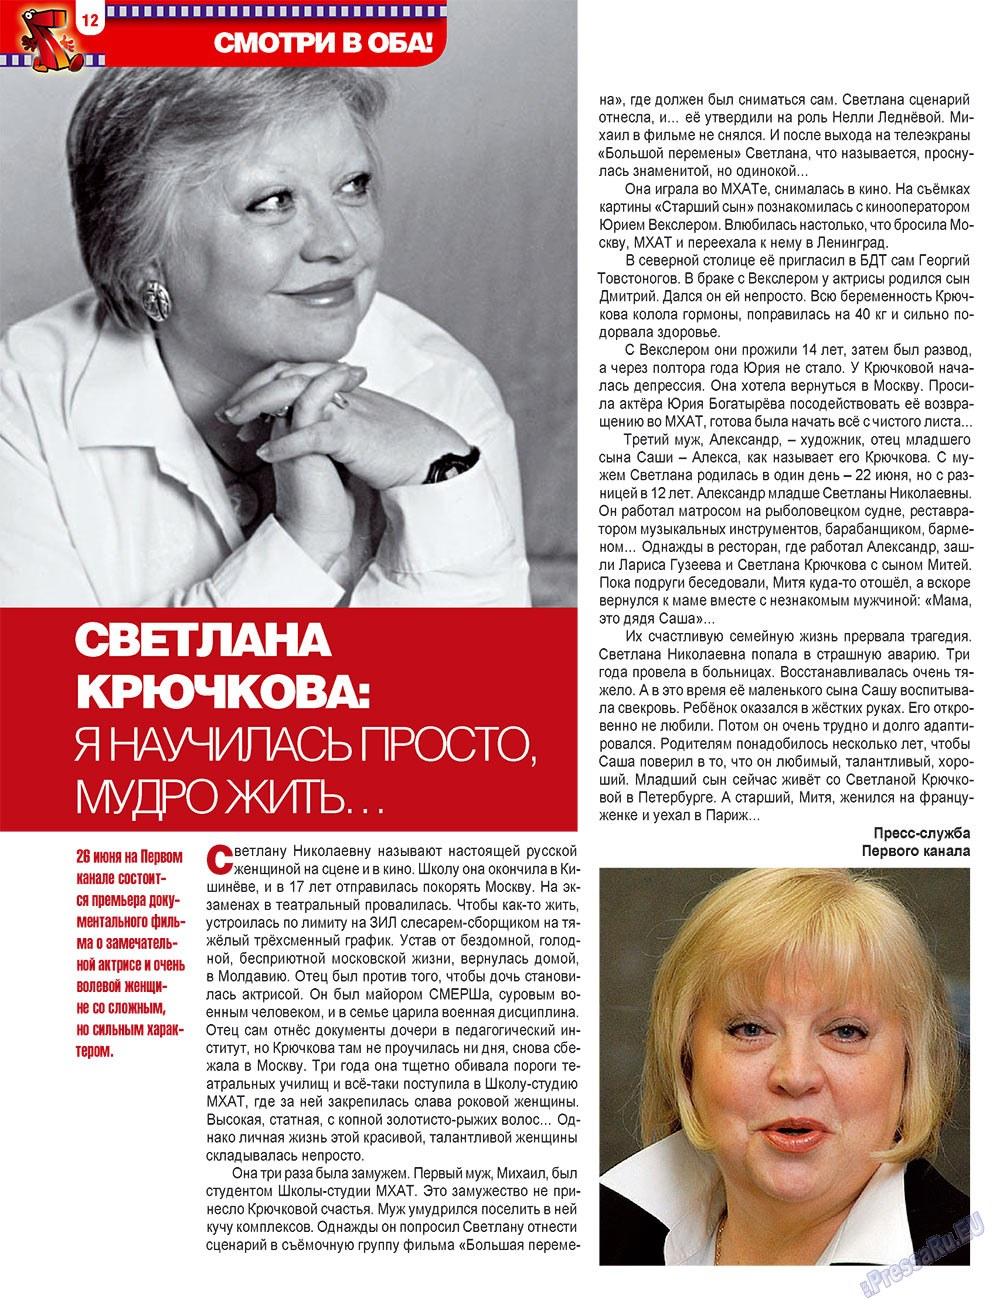 Светлана Крючкова биография актрисы, фото, ее мужья и дети 20